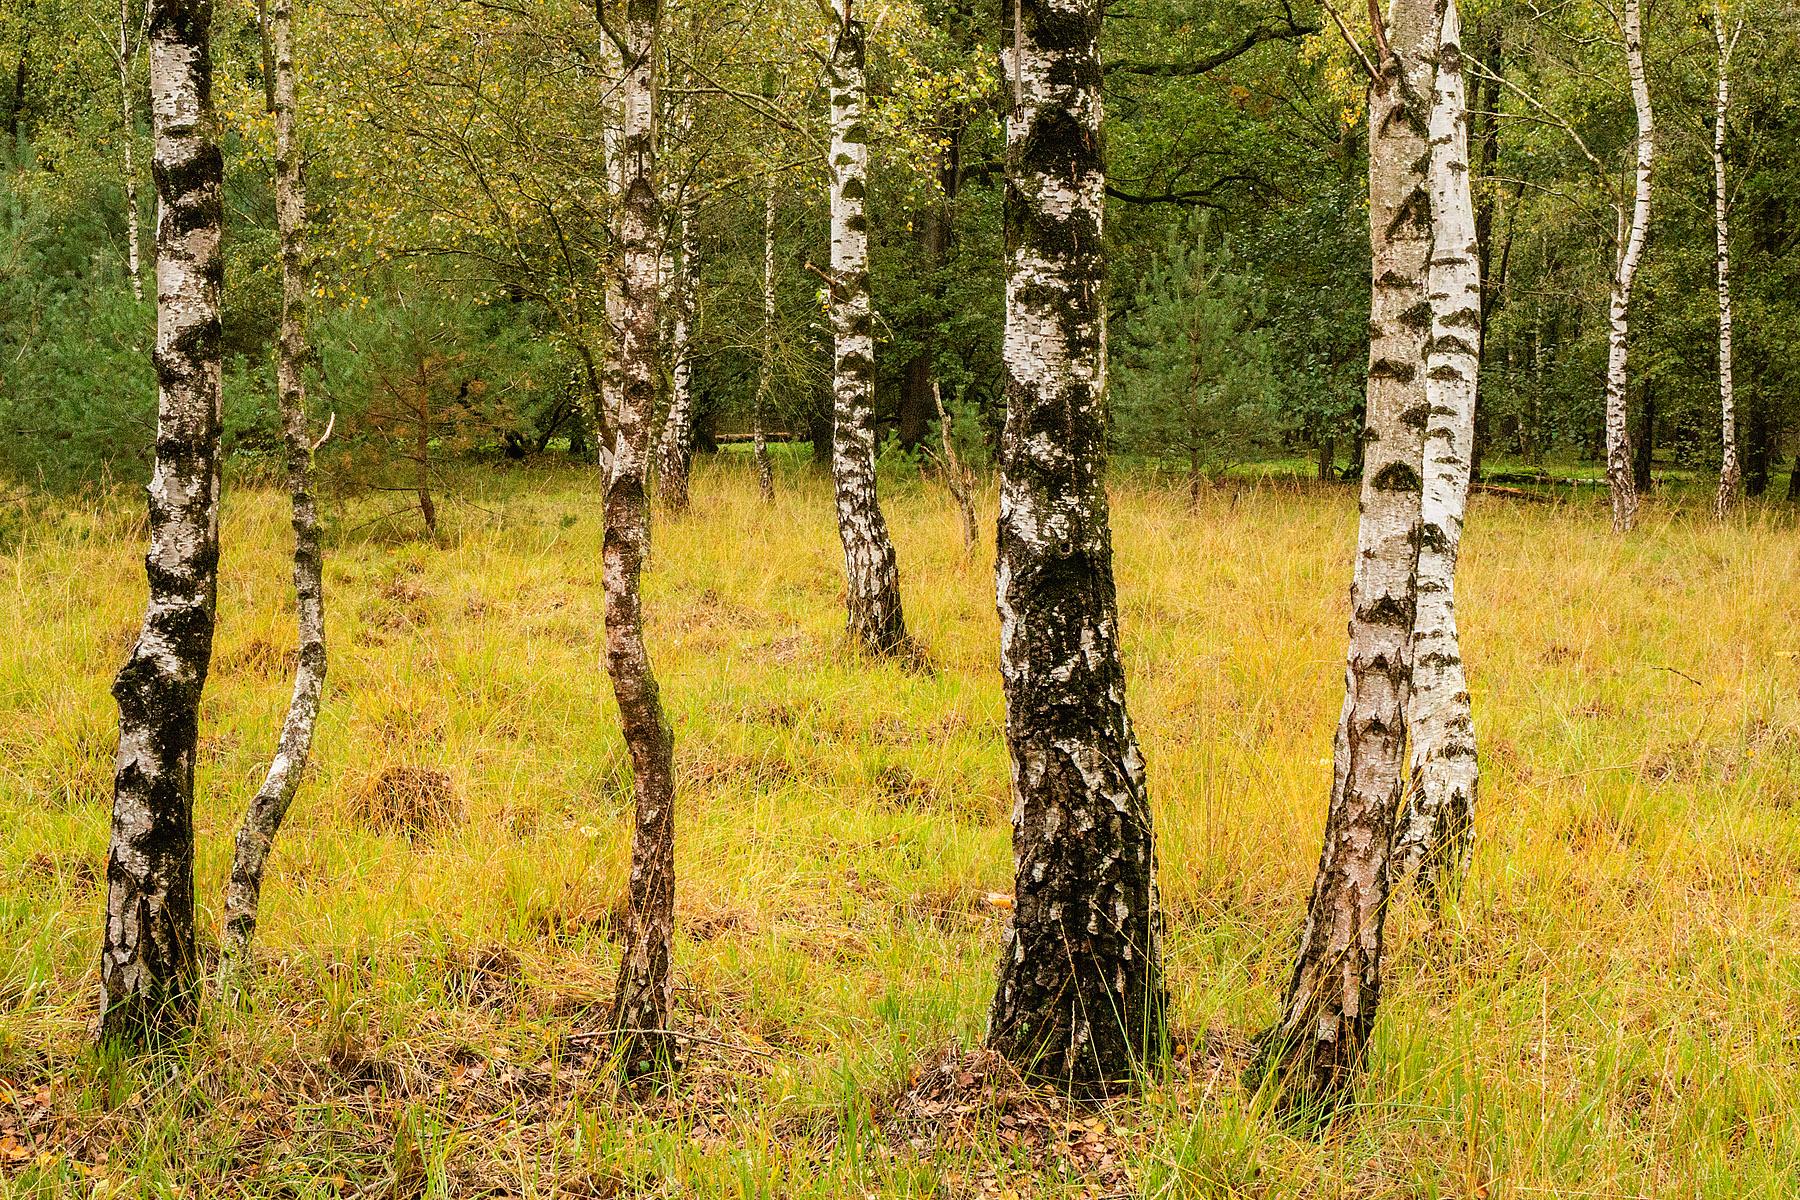 Berkenbos in De Plateaux in Valkenswaard (NL), West-Vlaamse landschapsfotograaf Glenn Vanderbeke